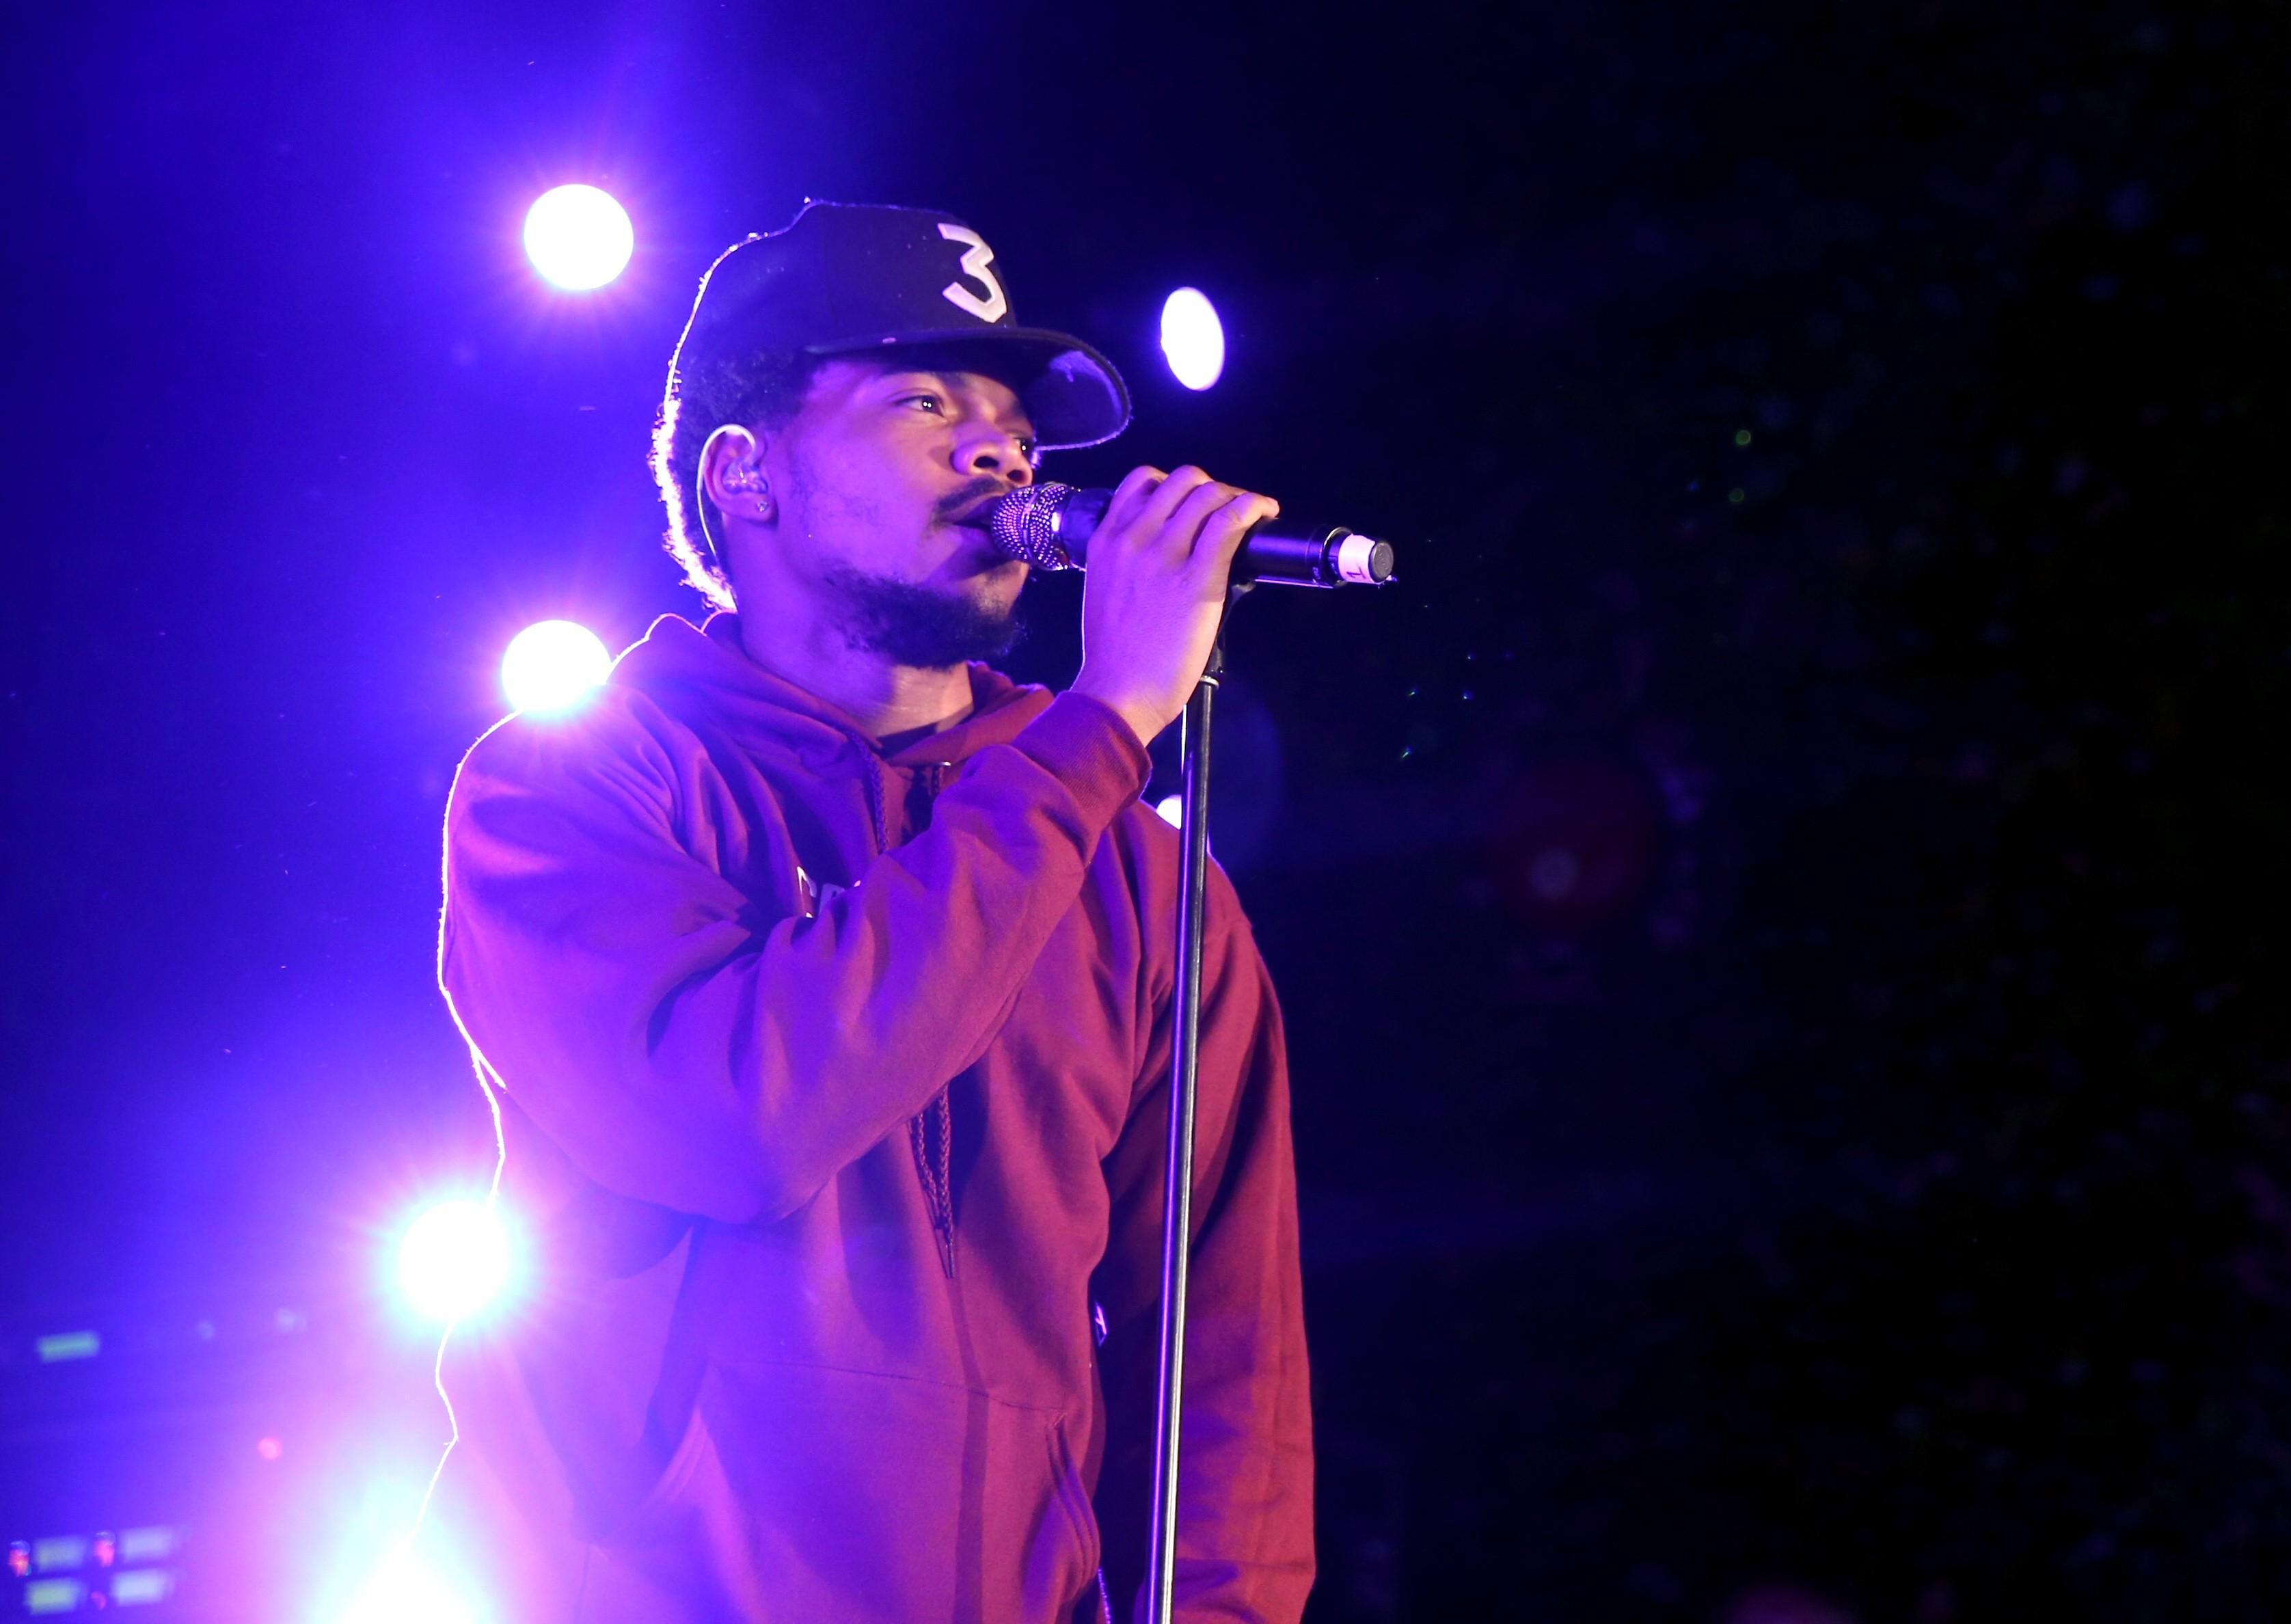 Chance The Rapper conseguiu arrecadar mais de US$ 100 mil em sua festa de aniversário (Foto: Getty Images/ onathan Leibson)